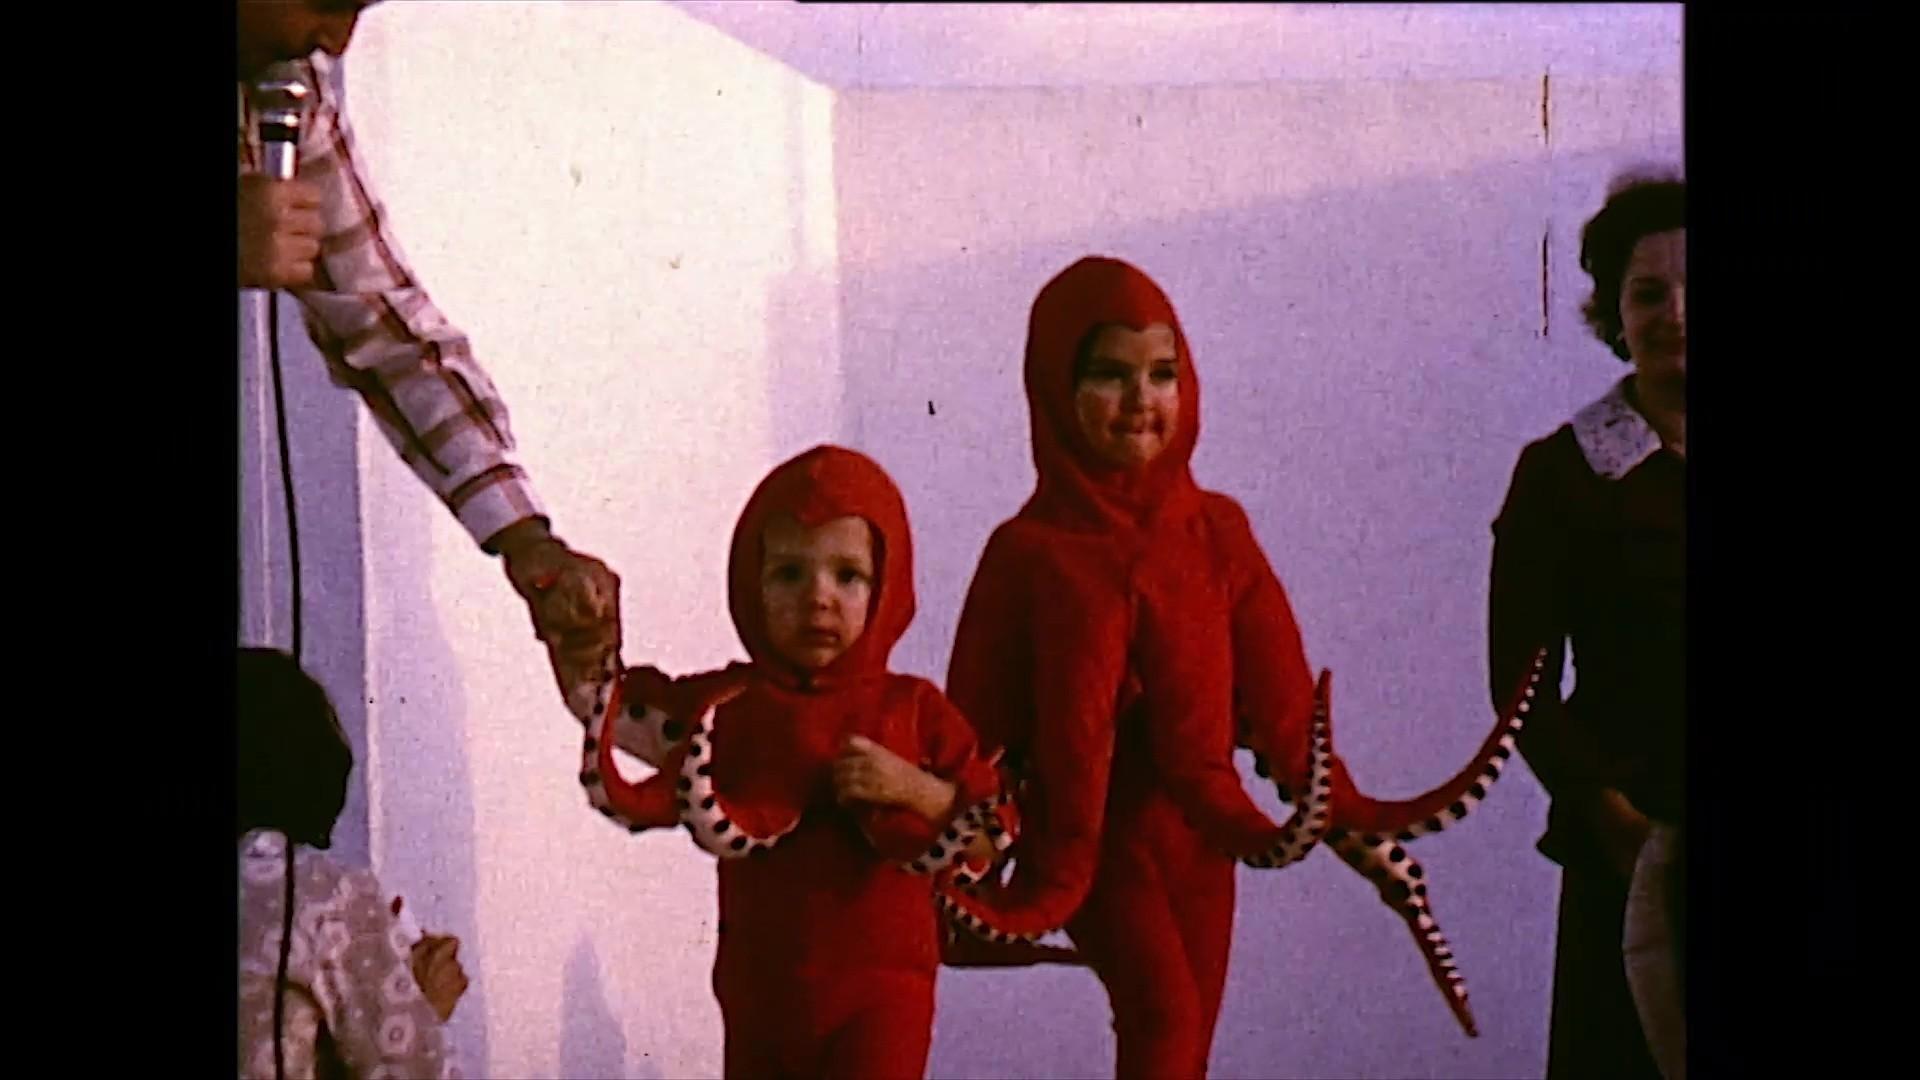 Fiestas de Invierno (1976)